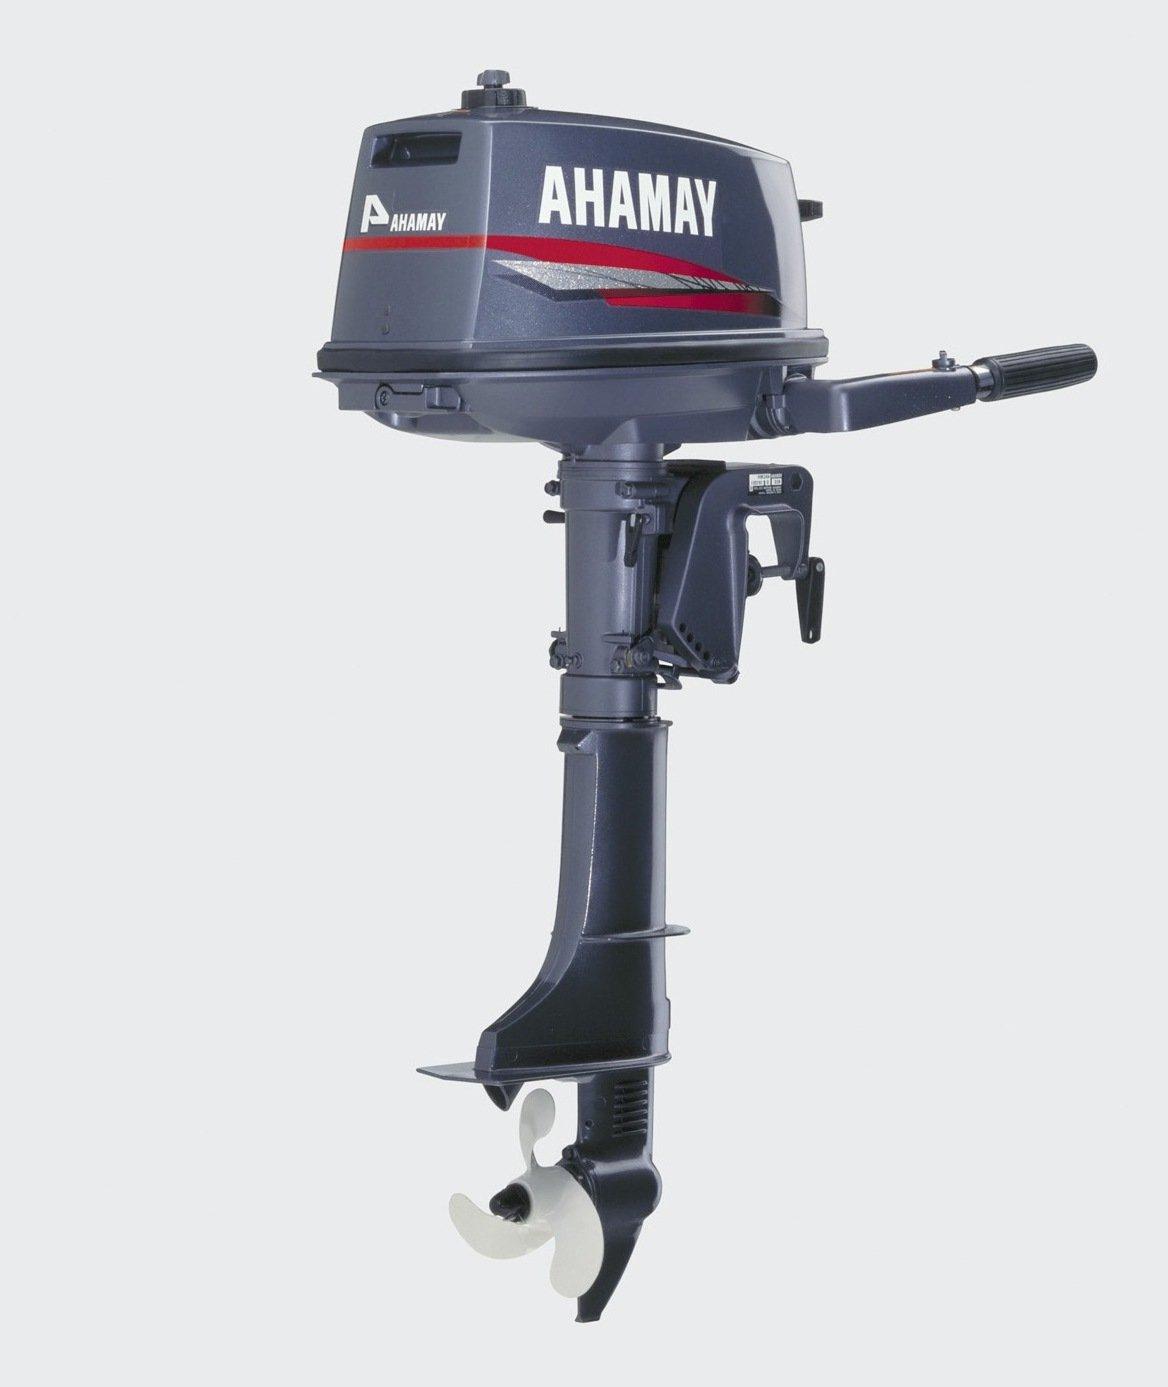 где купить лодочные моторы yamaha